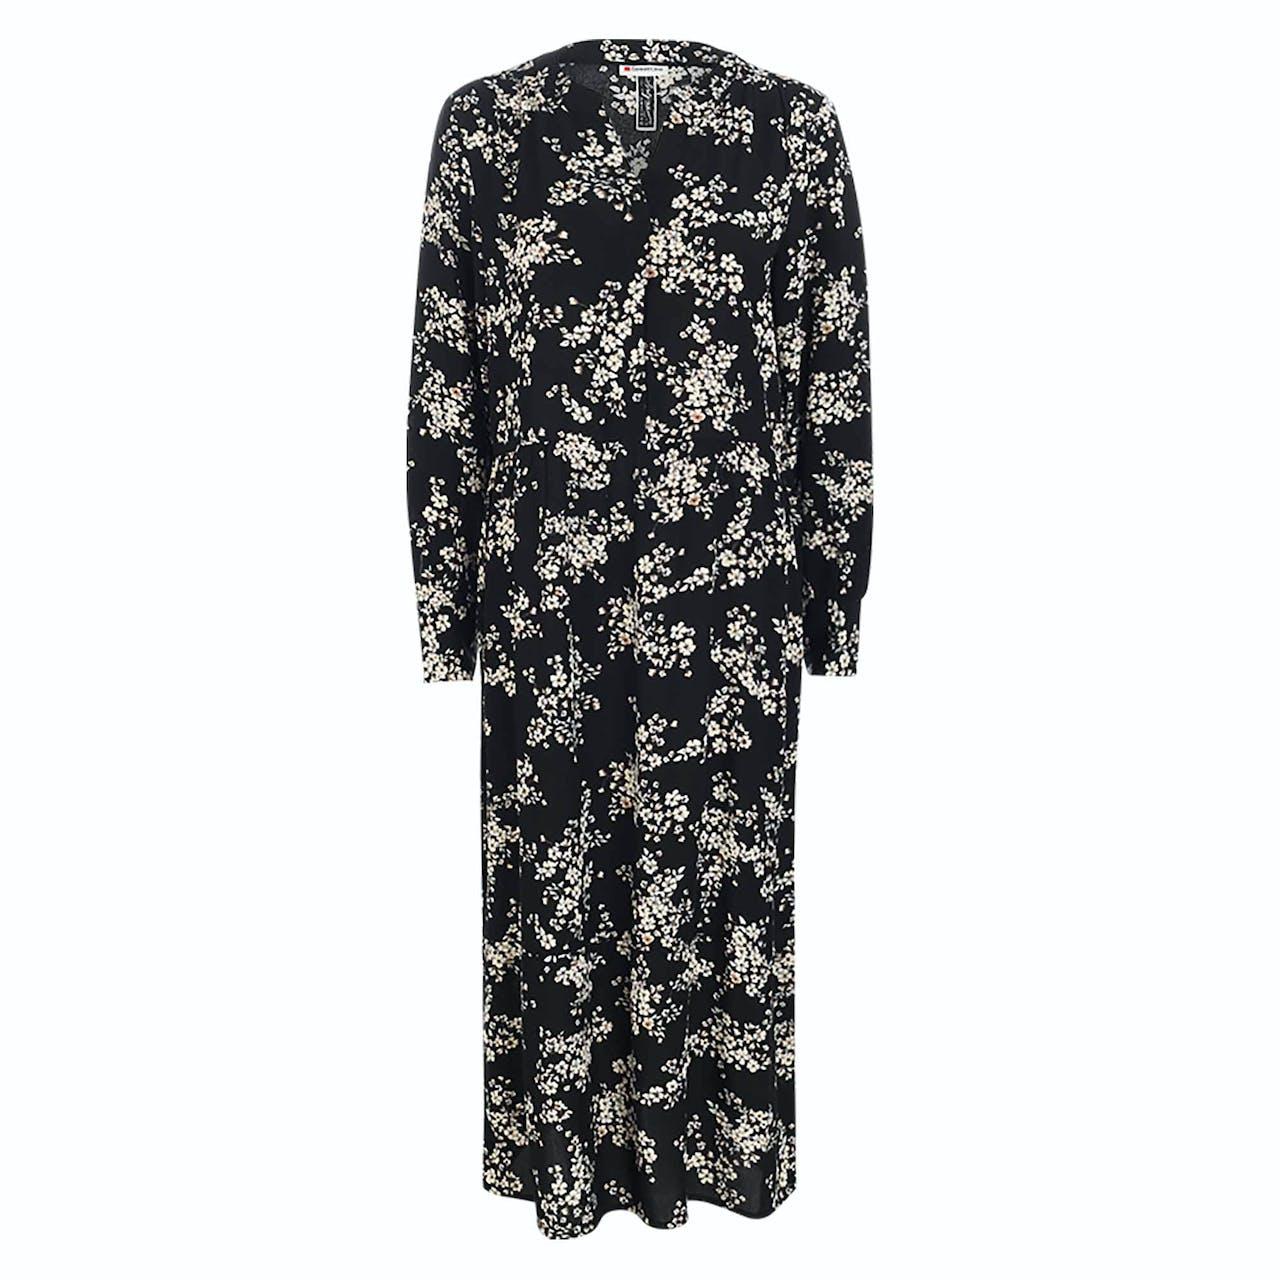 Kleid - Loose Fit - Flowerprint